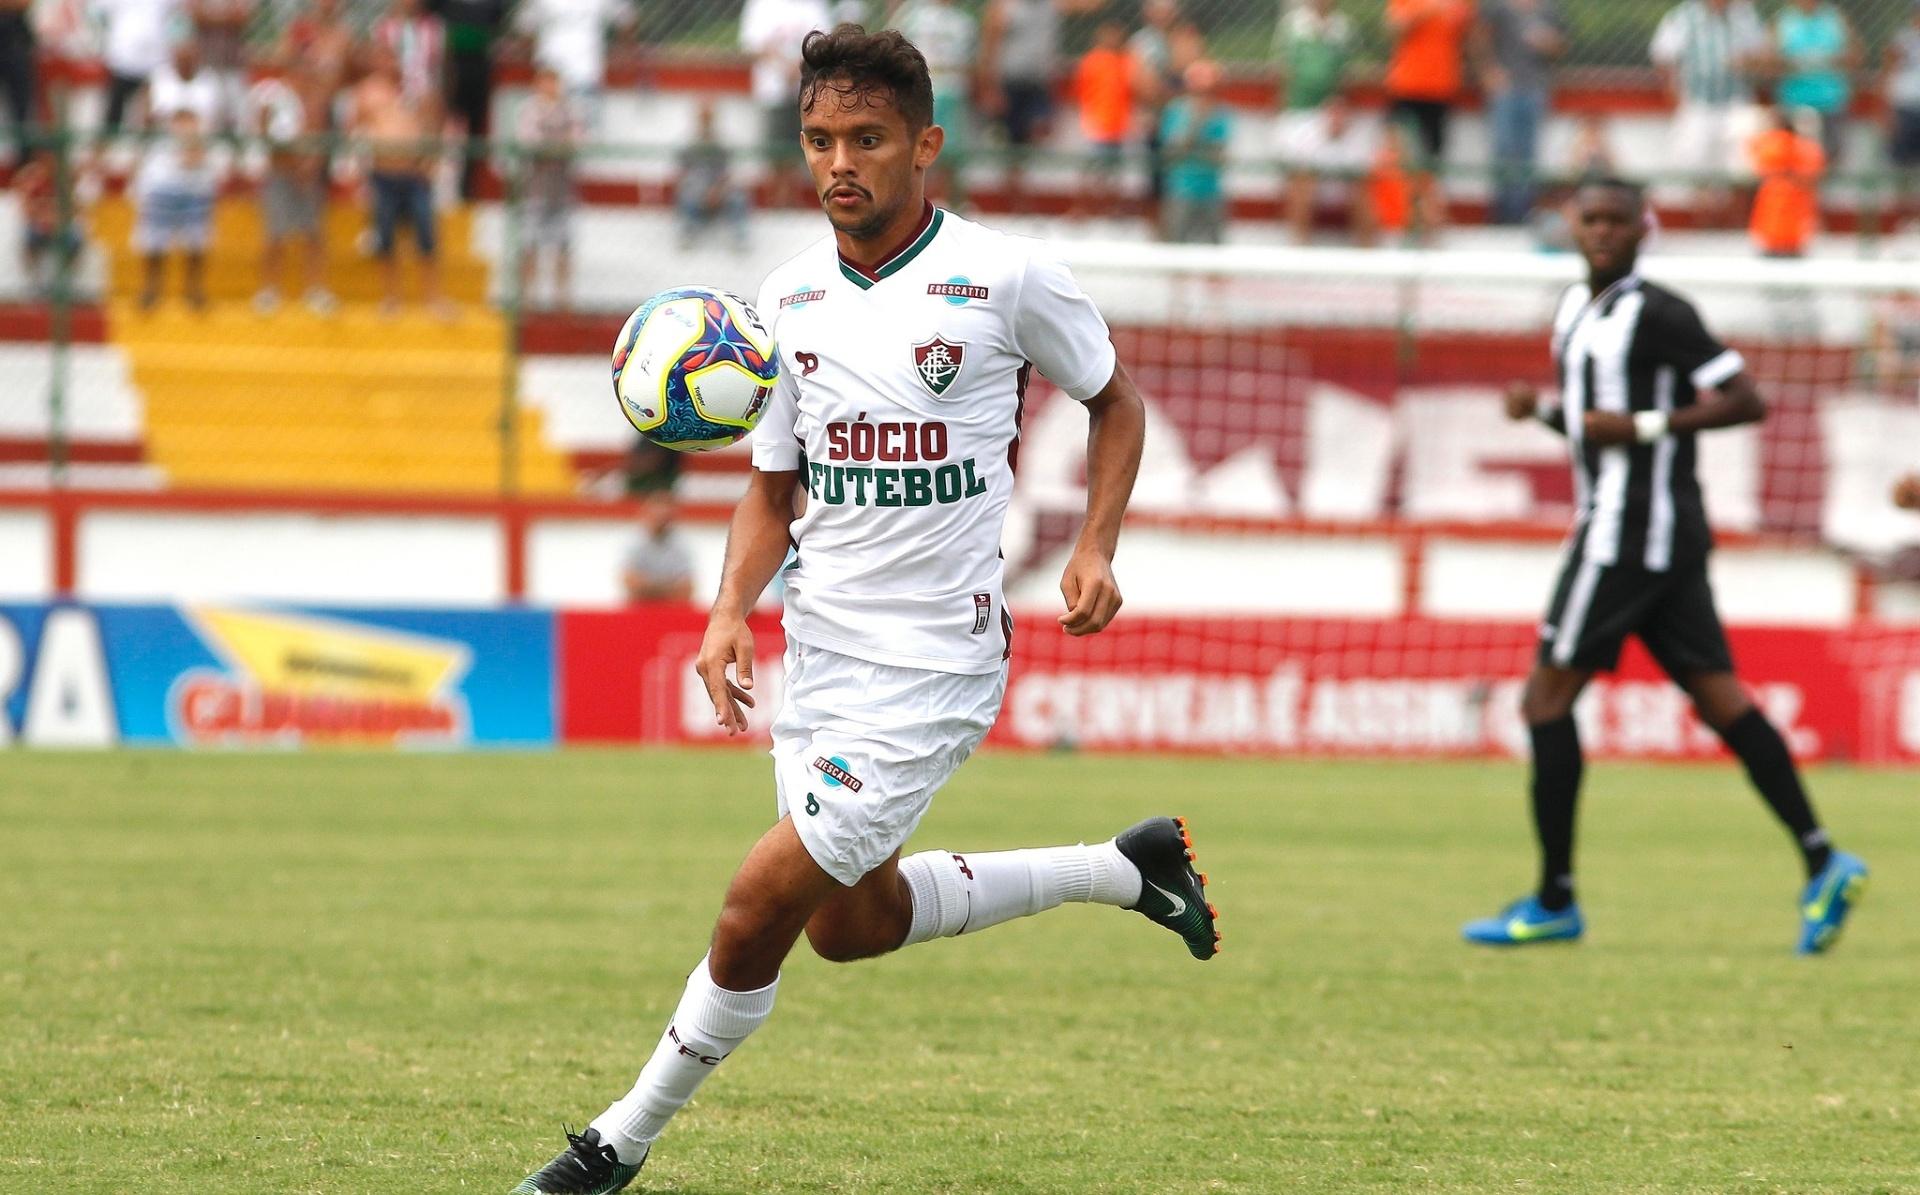 06c0b4de61 Por que o Fluminense vai ter que esperar cinco meses por uniforme ...